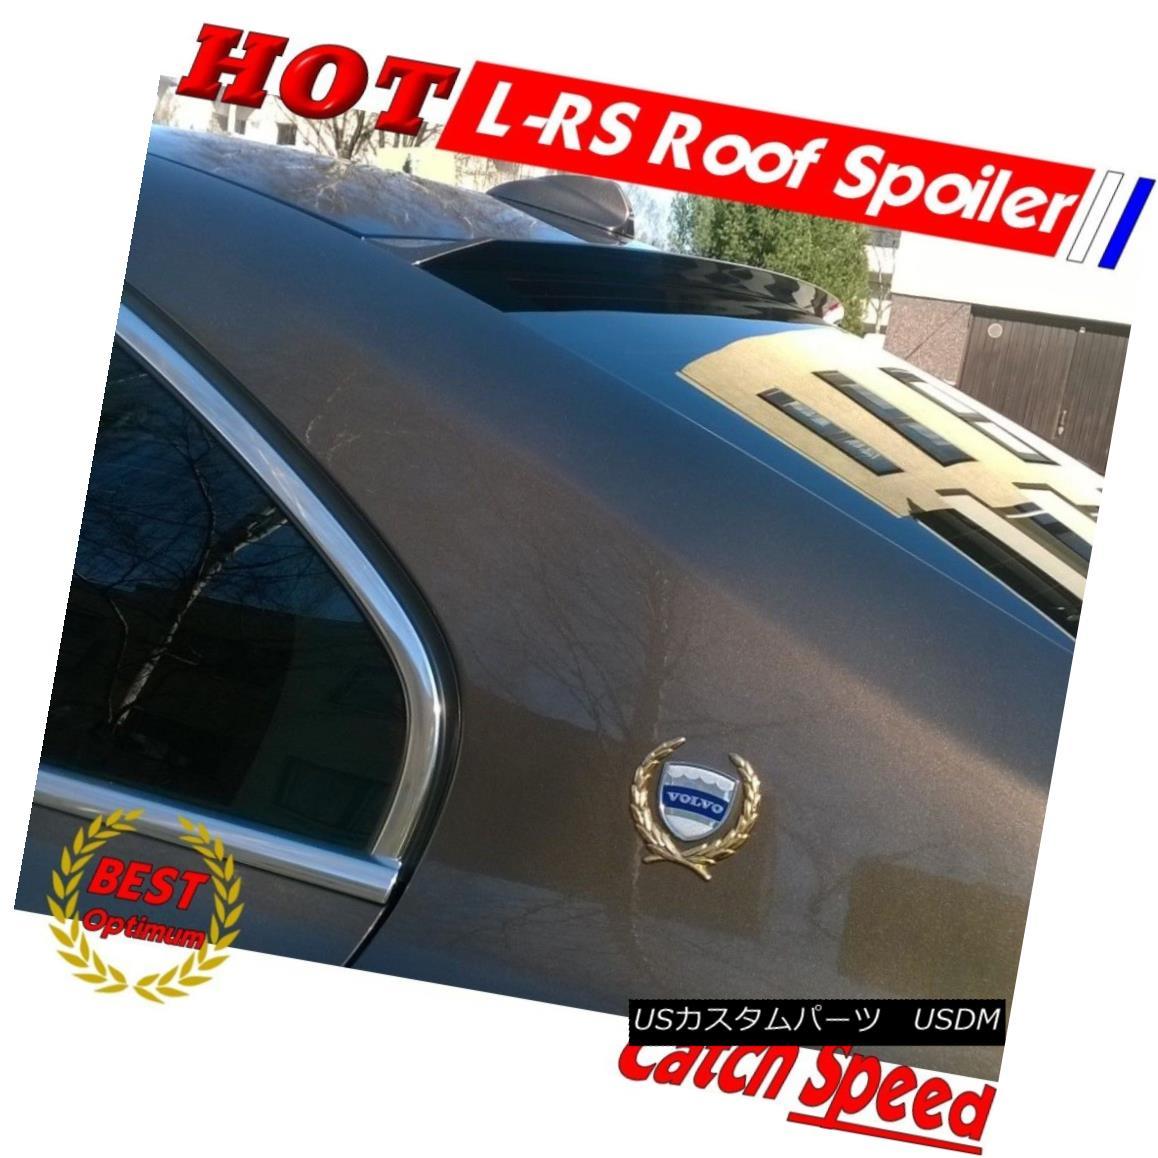 エアロパーツ Painted L Style Rear Window Roof Spoiler Wing For Cadillac CTS Sedan 2008-2013 ? キャデラックCTSセダン2008-2013のためのペイントされたLスタイルのリアウィンドウルーフスポイラーウィング?